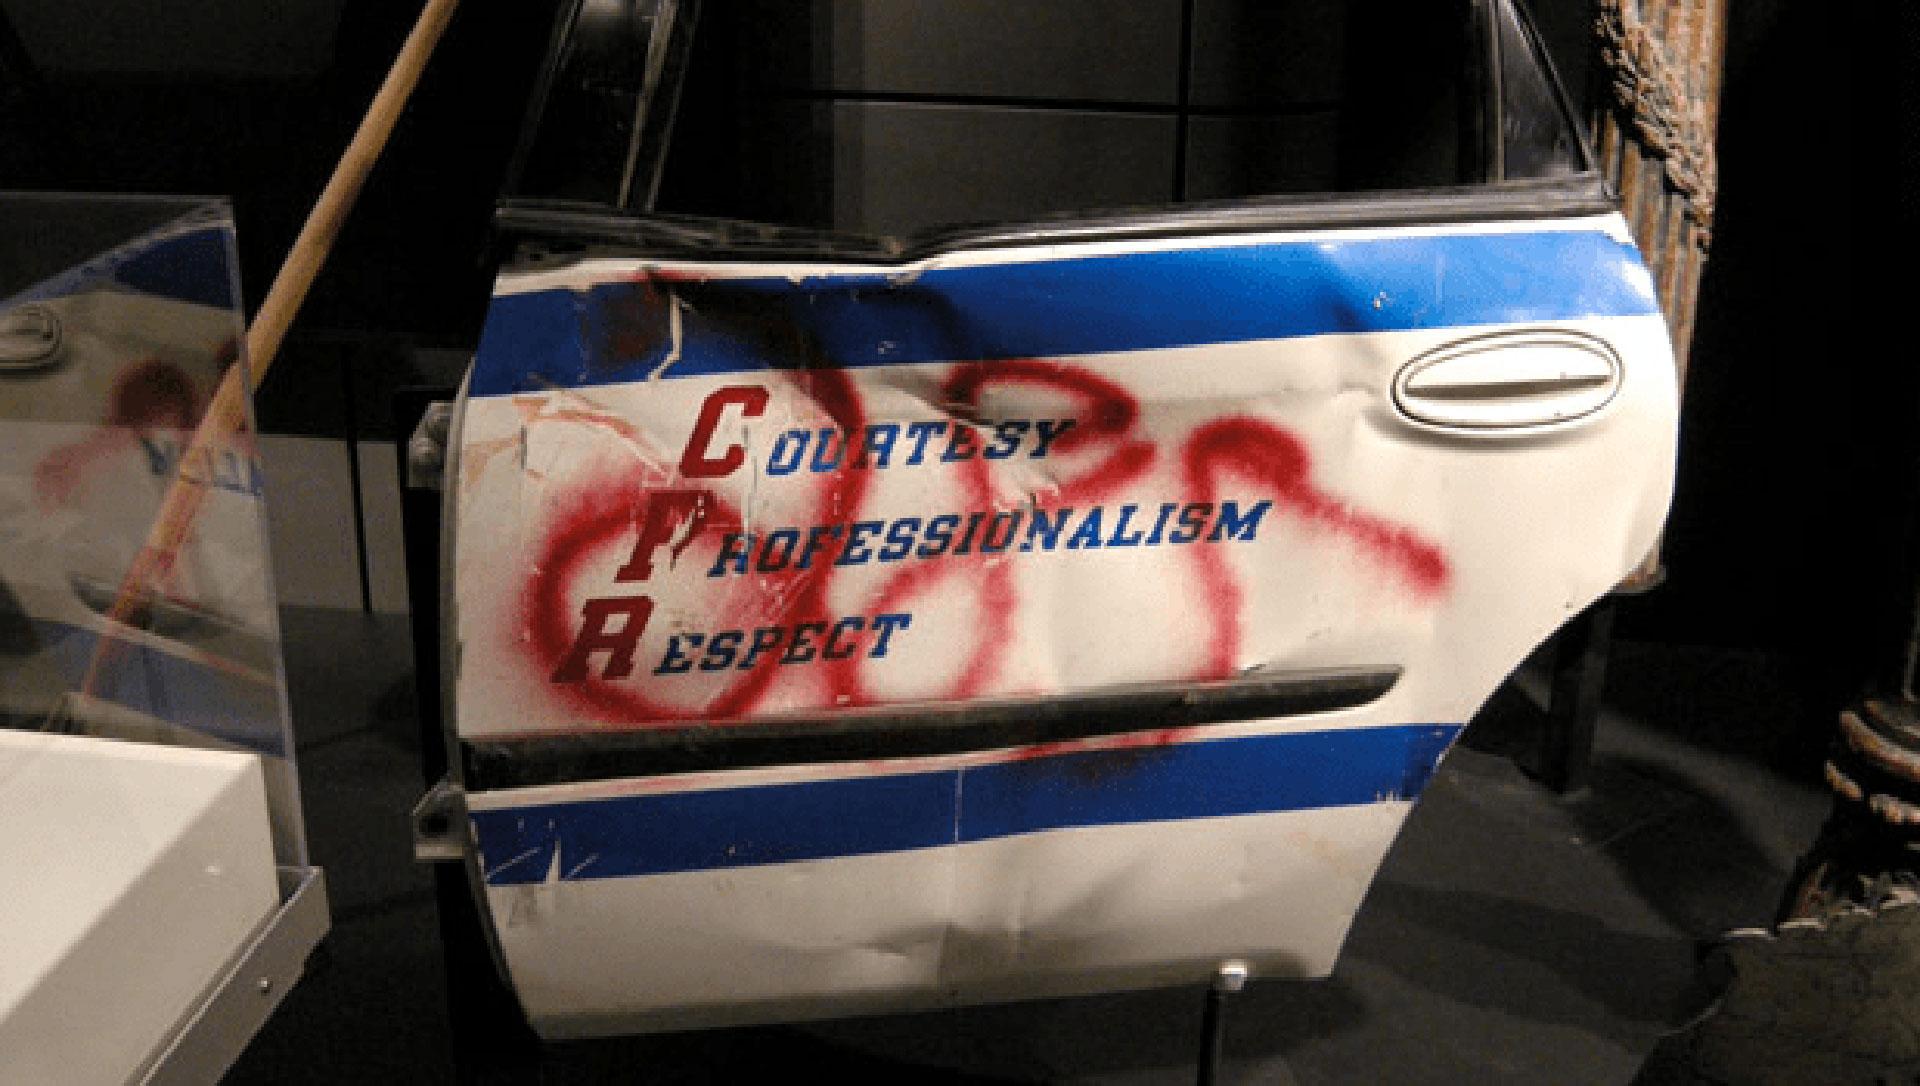 """La puerta de una auto de la policía de Nueva York: """"Cortesía, profesionalismo, respeto"""""""